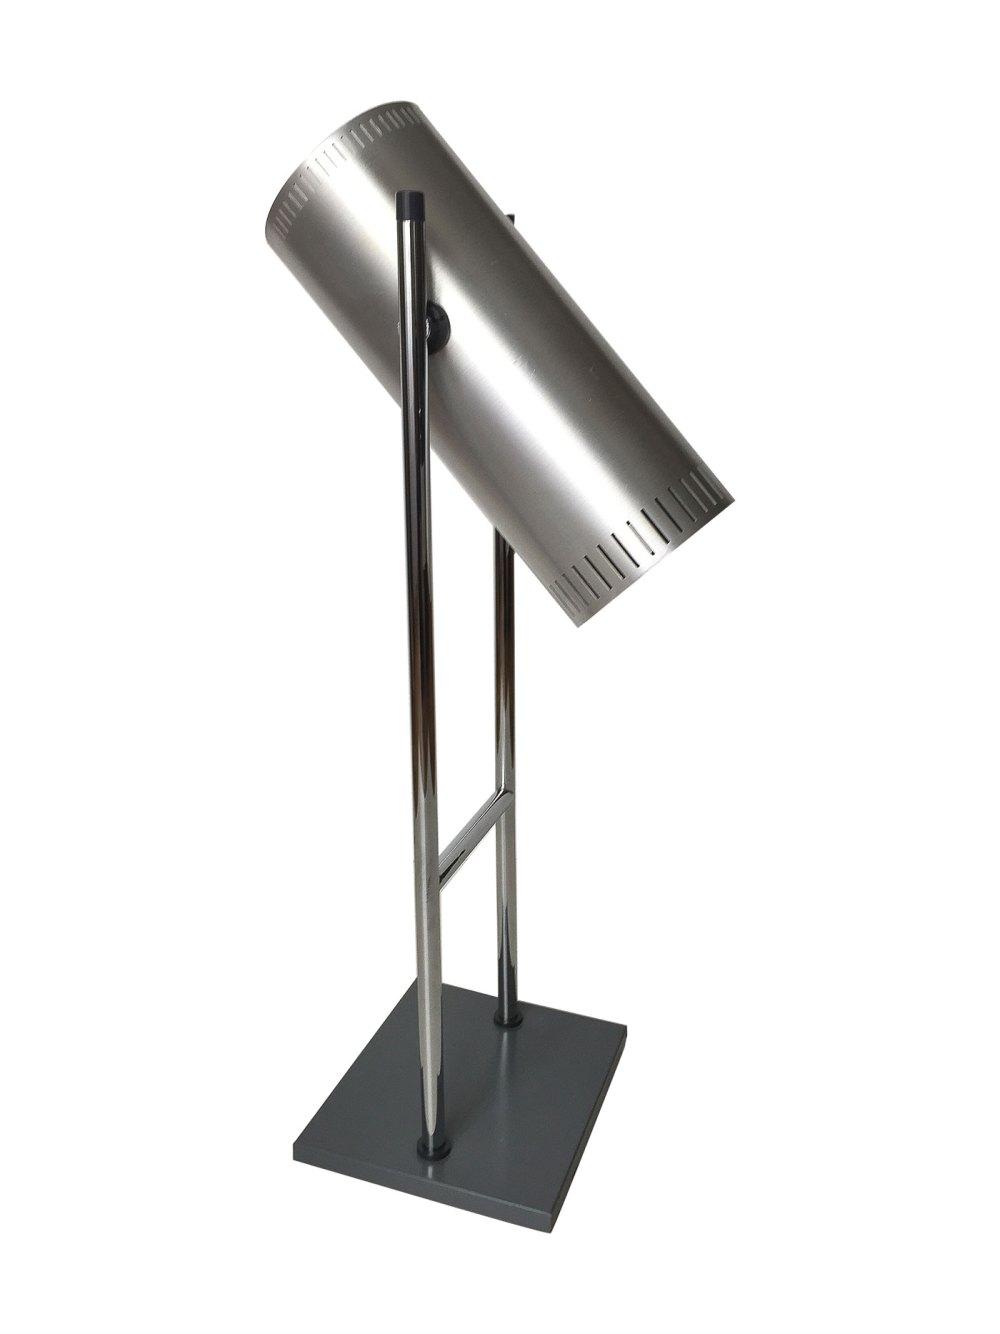 lampe trombone par jo hammerborg en vente en ligne chez ltgmood.com luminaires vintage à paris